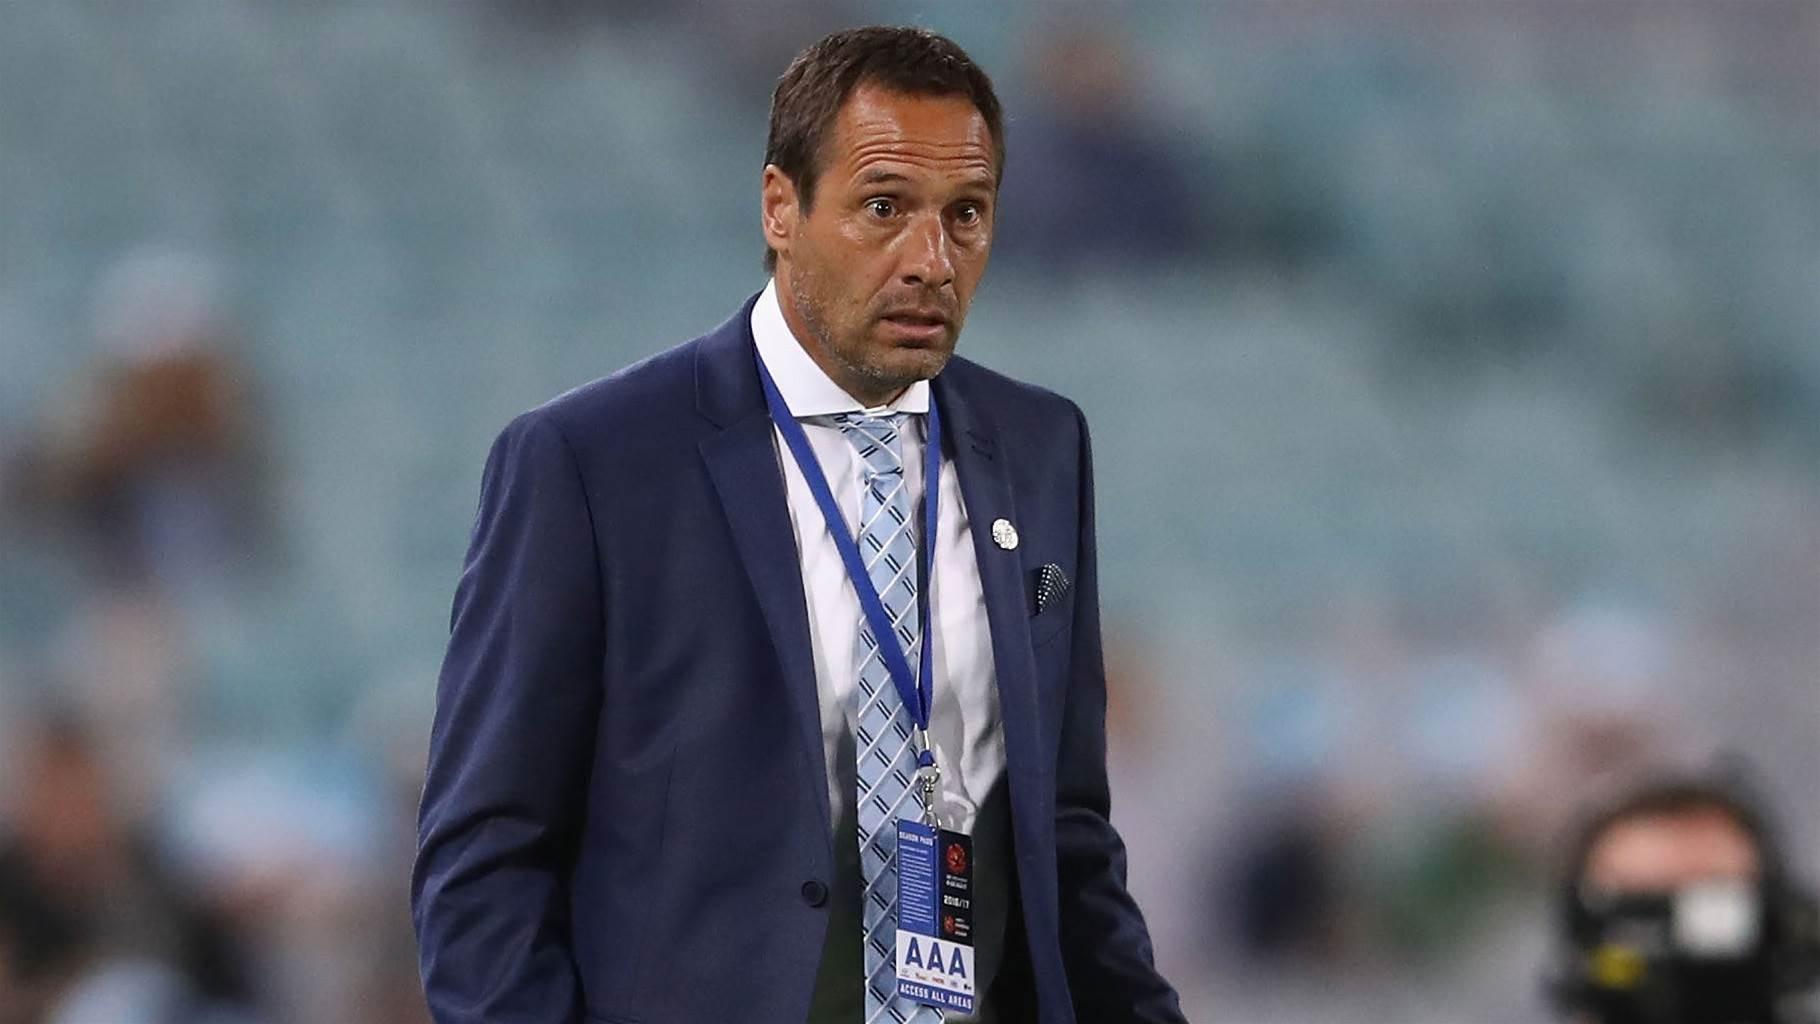 Ref 'compensated' Sydney for send-off: JVS